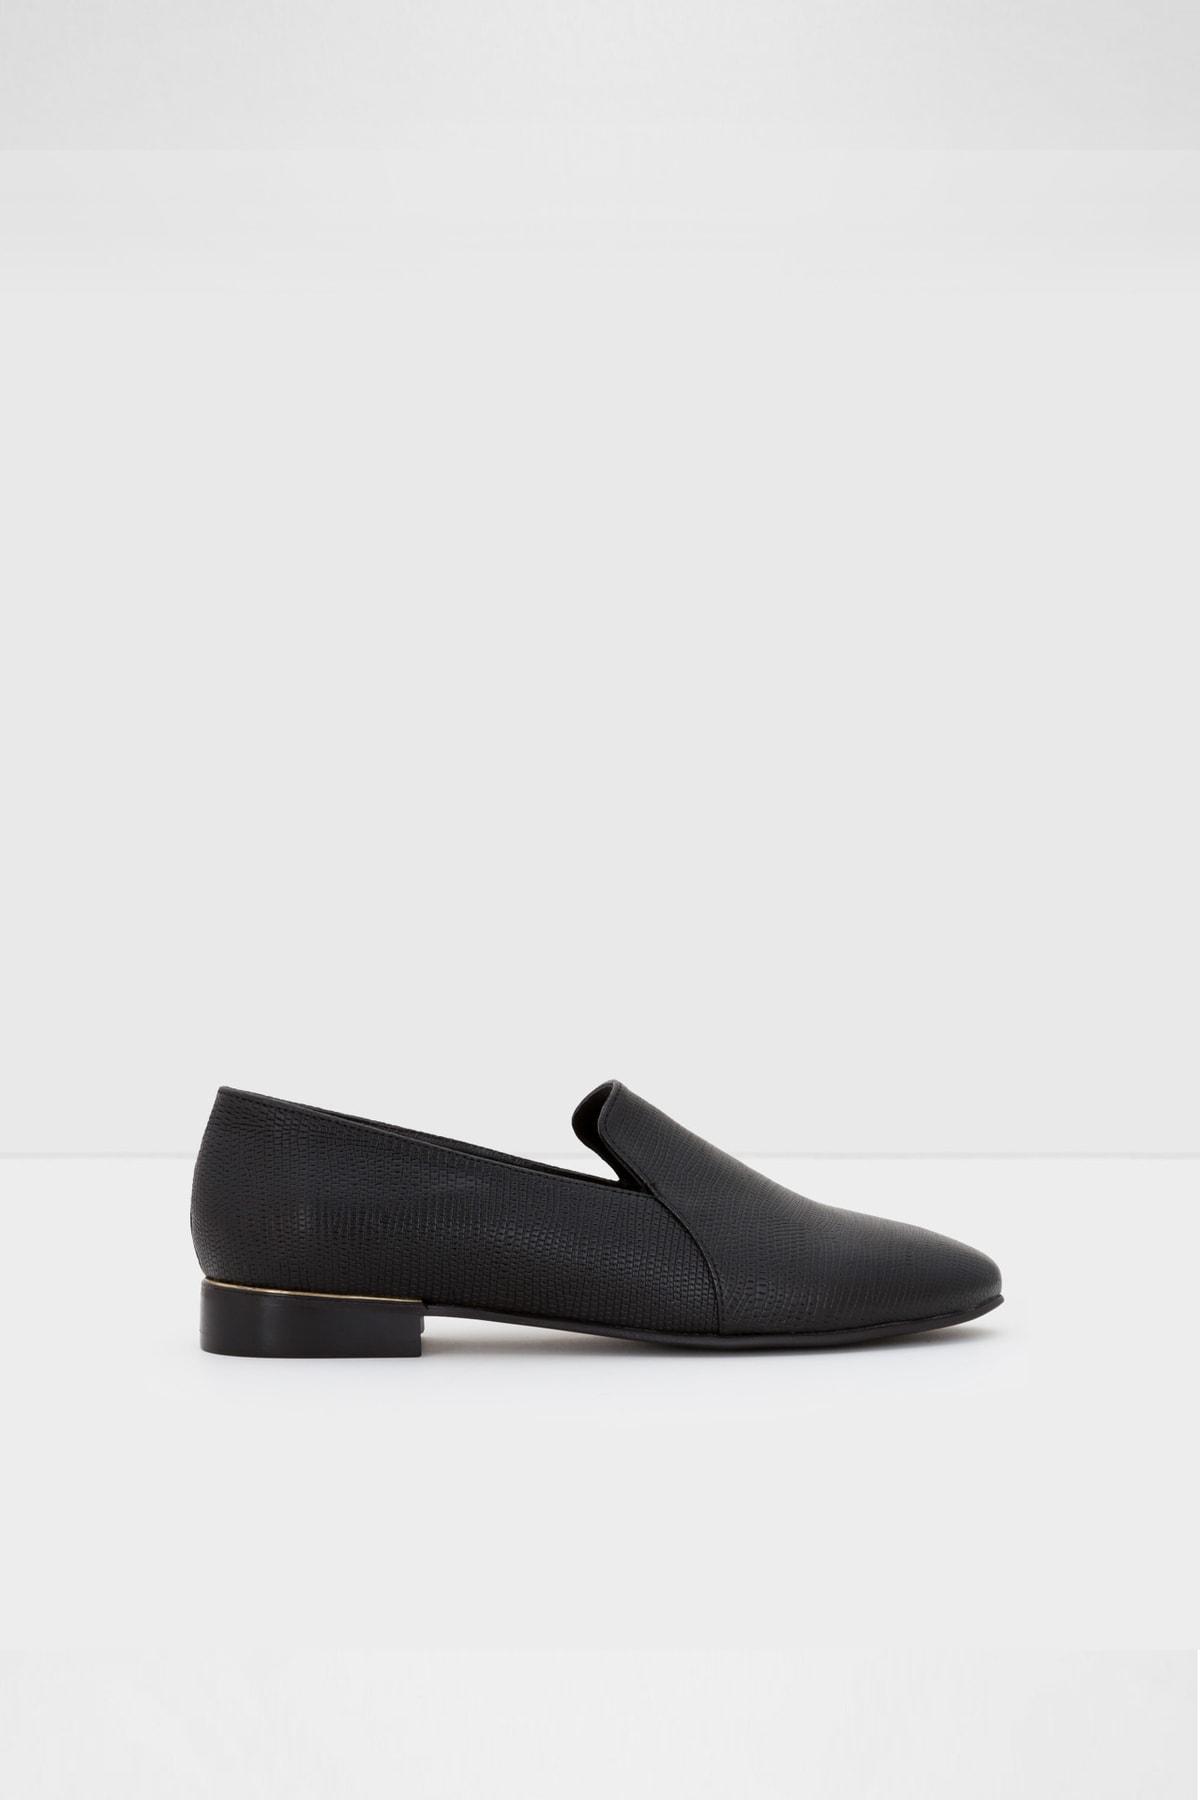 Aldo Kadın Siyah Rıramma Loafer Ayakkabı 1